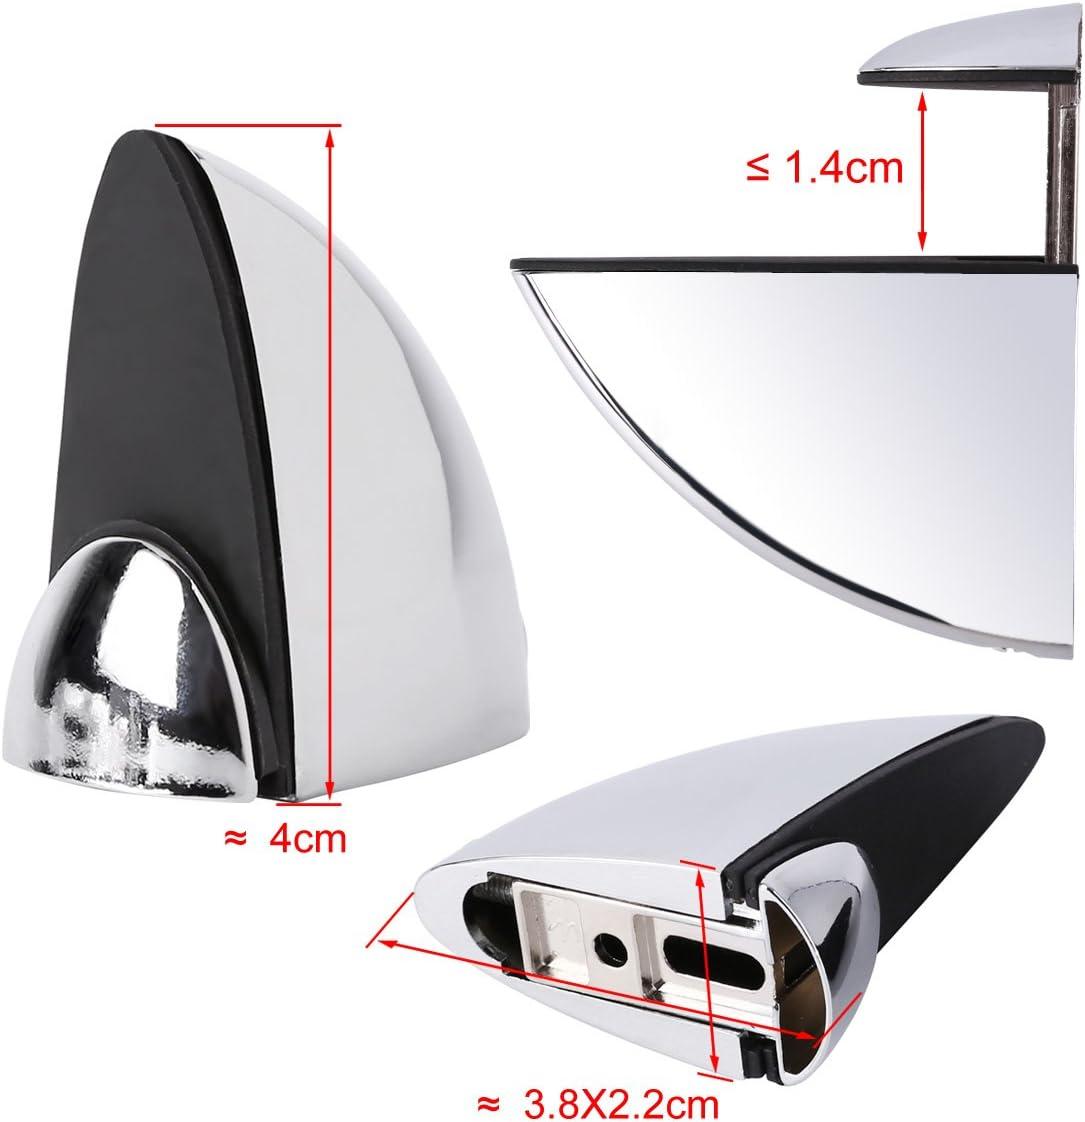 4/x Mini Soporte Para Estante Soportes para estantes Cristal Soporte de suelo de madera Estante